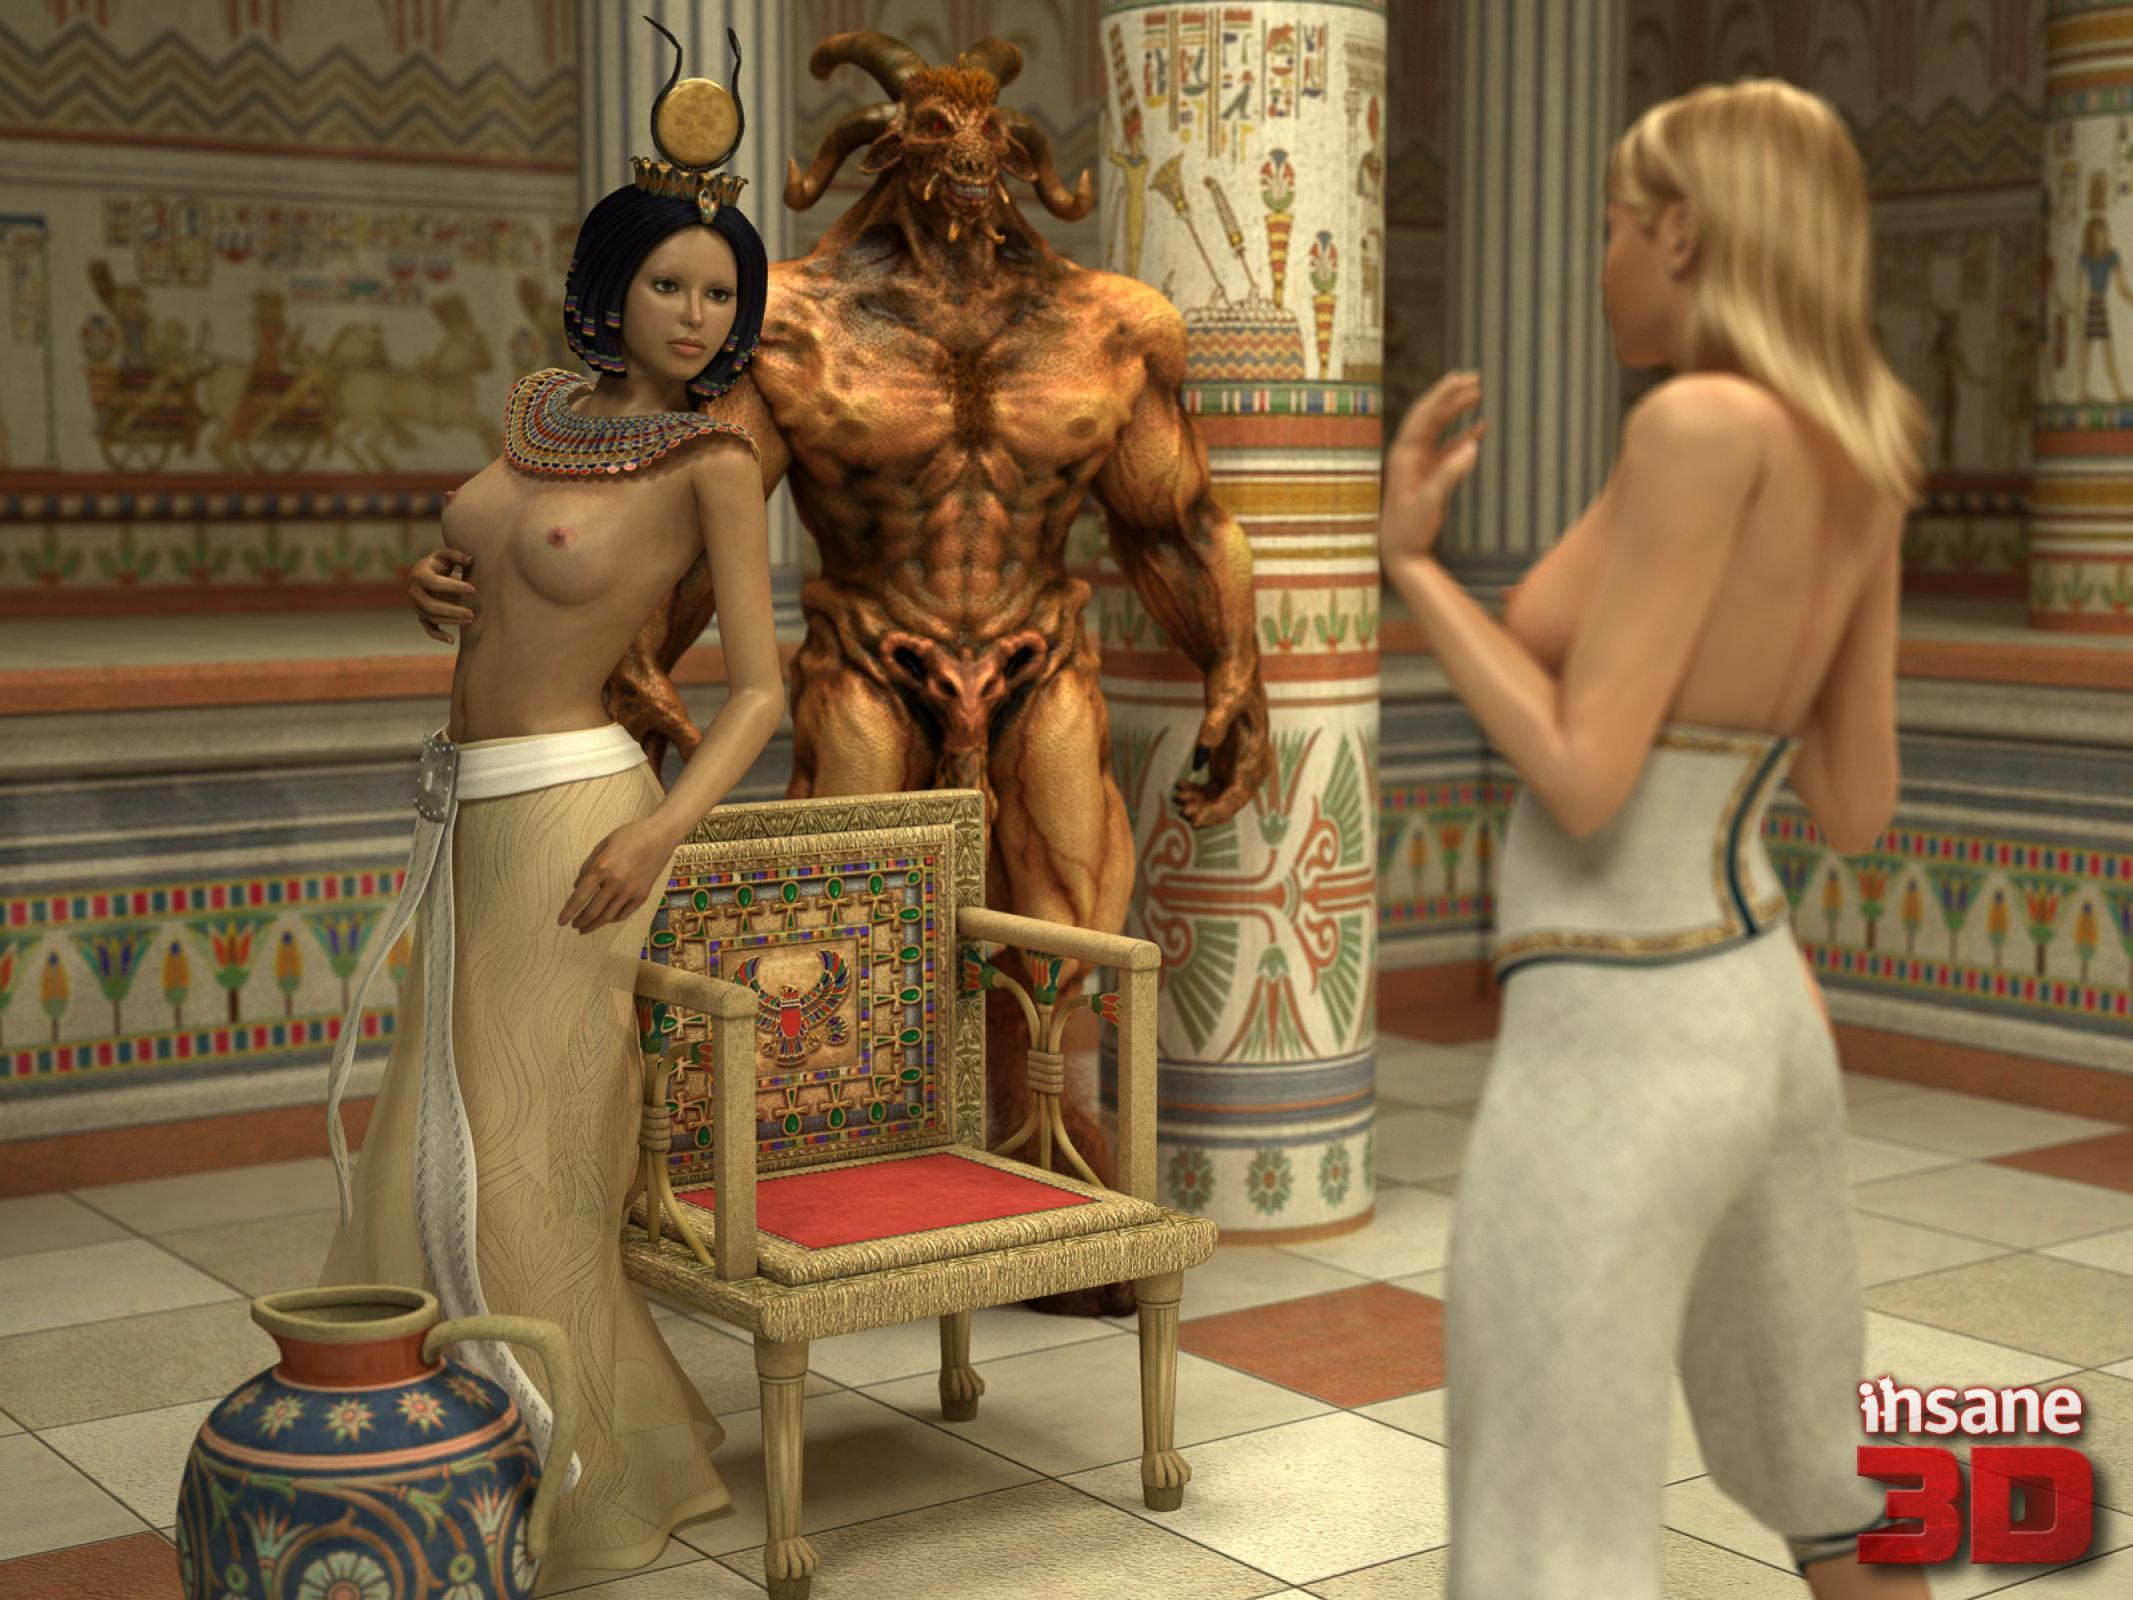 Egyptian Punishment porn comics 8 muses